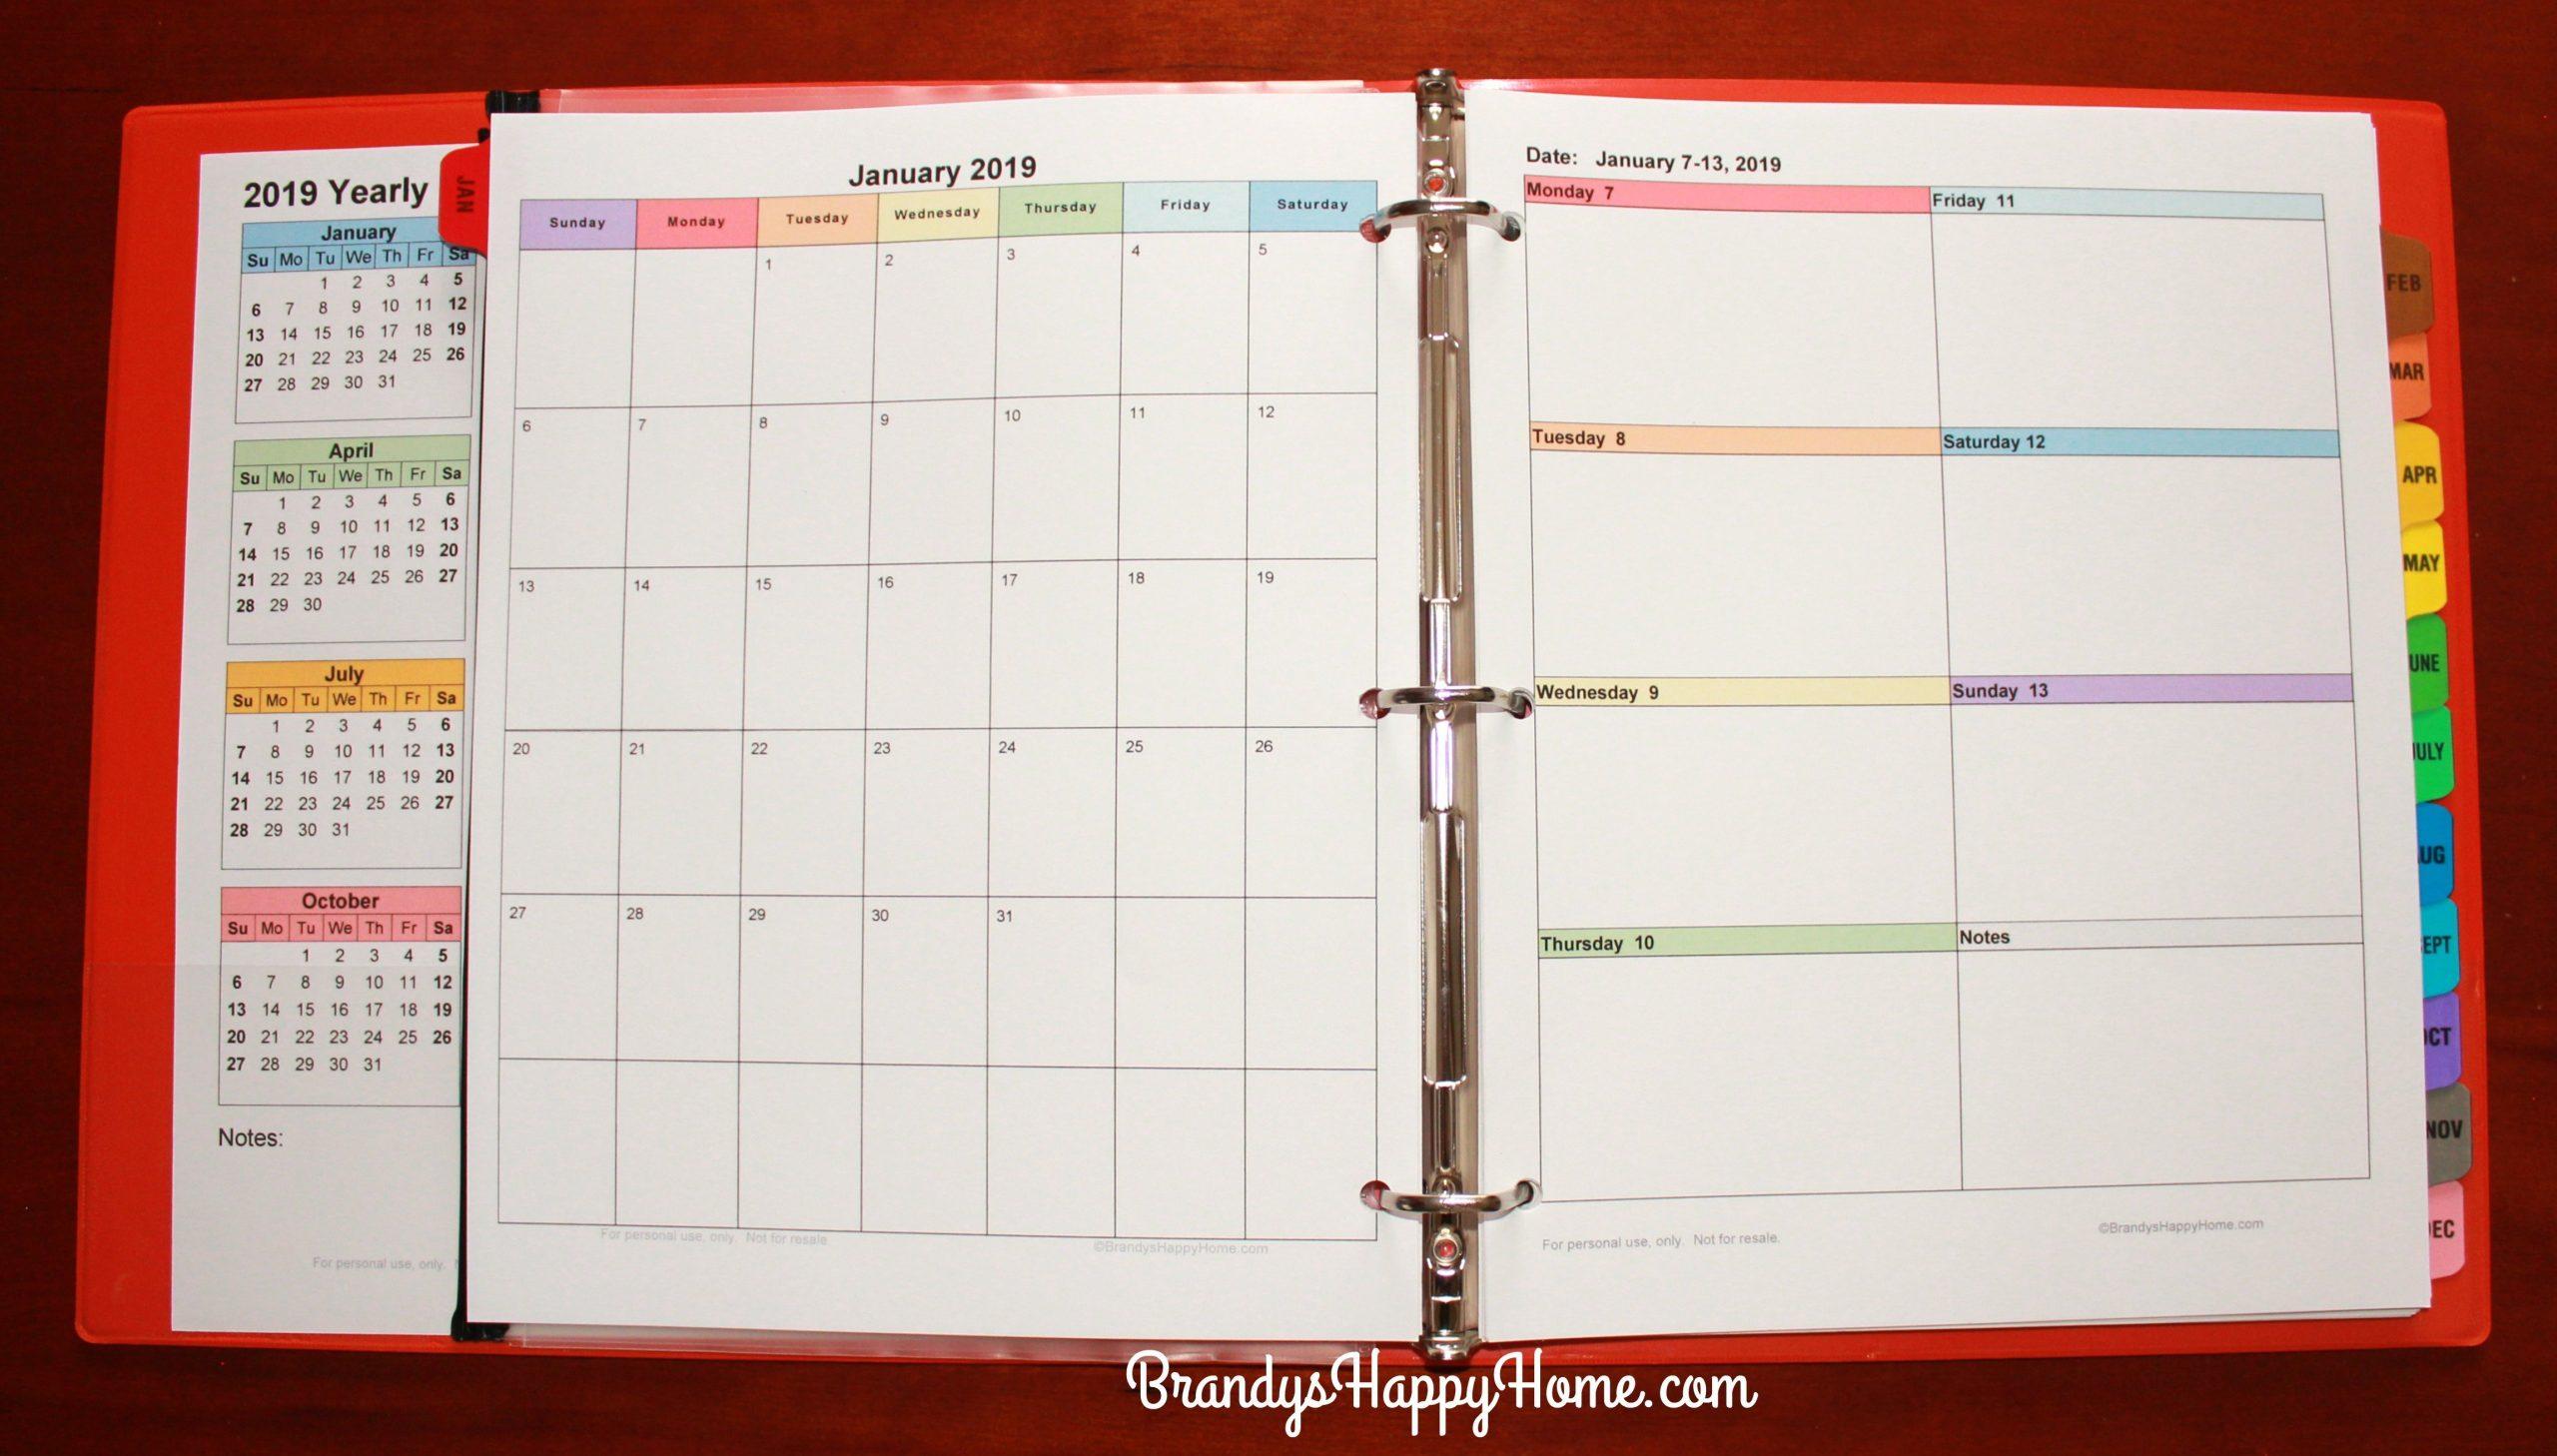 Calendar Template Design - Design Calendar Free Fillable Monday Through Friday Calendar